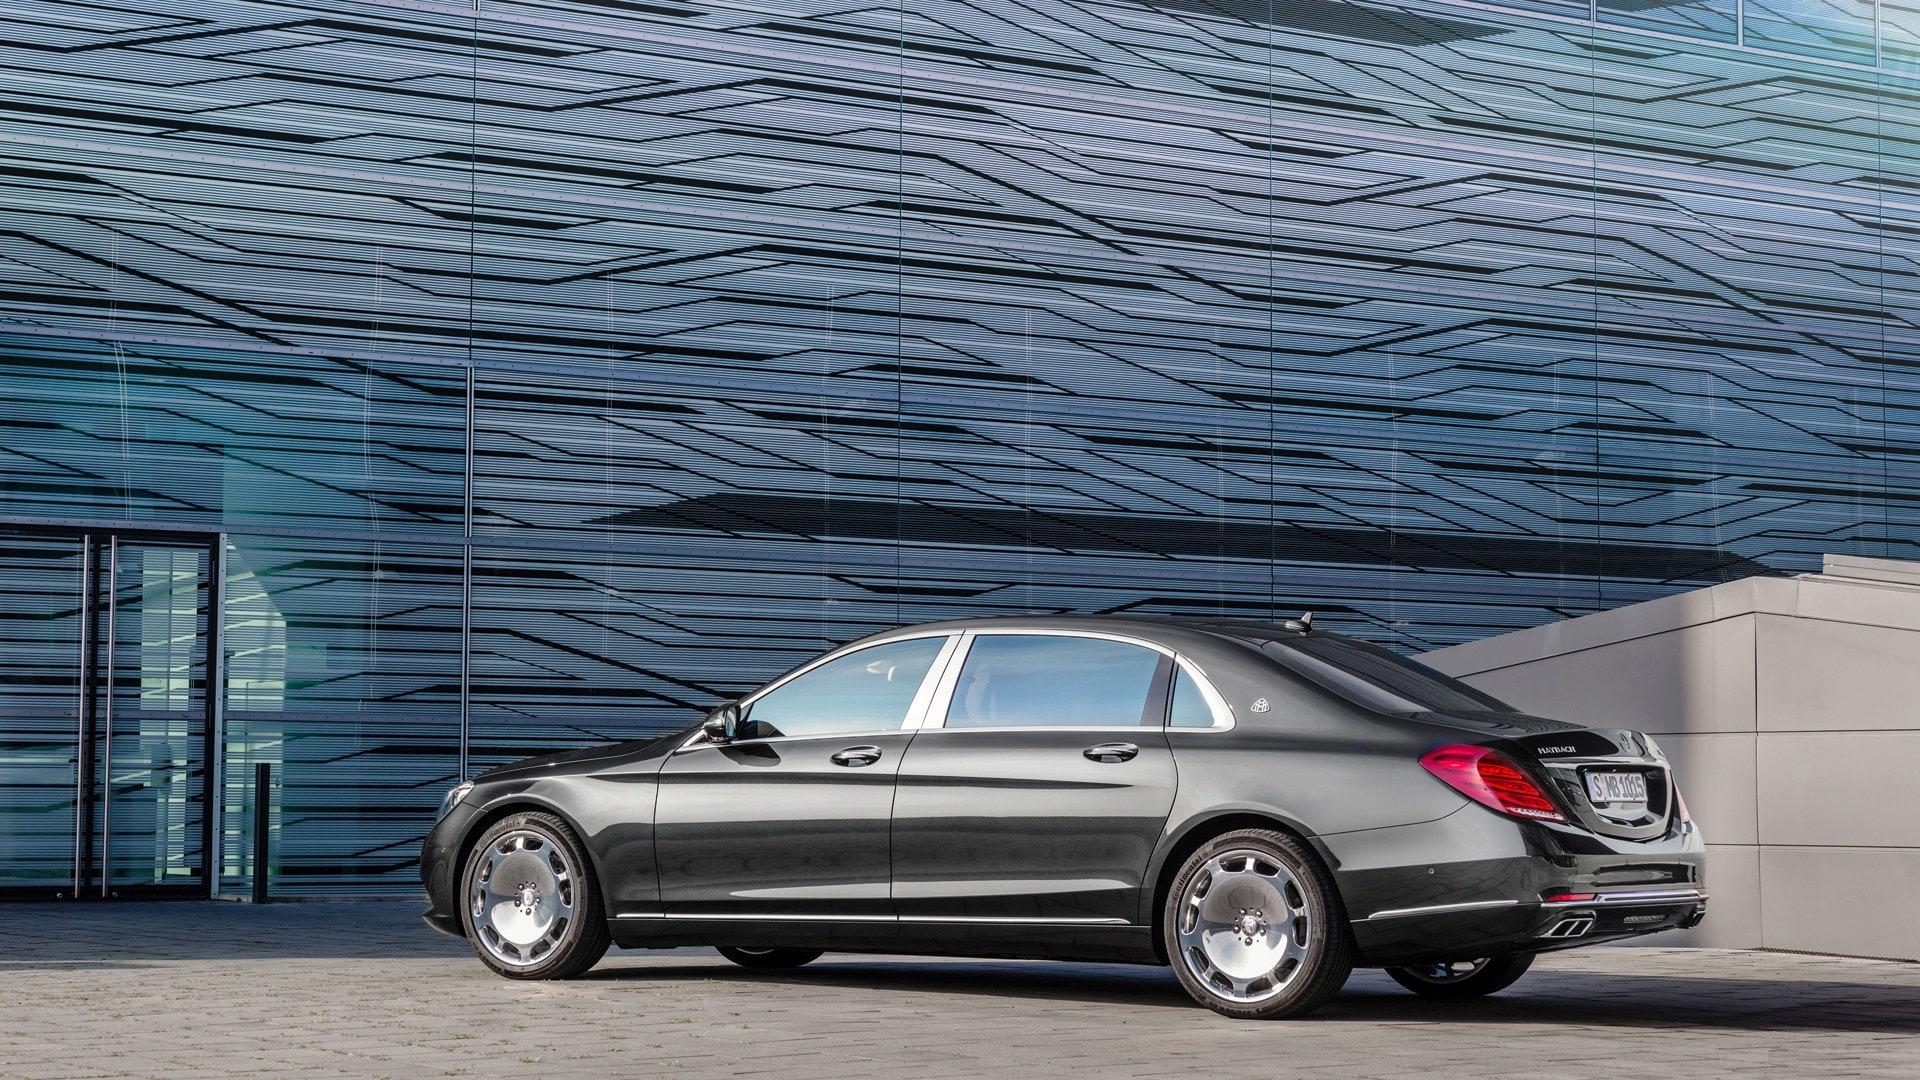 Mercedes-Maybach S-Class Widescreen